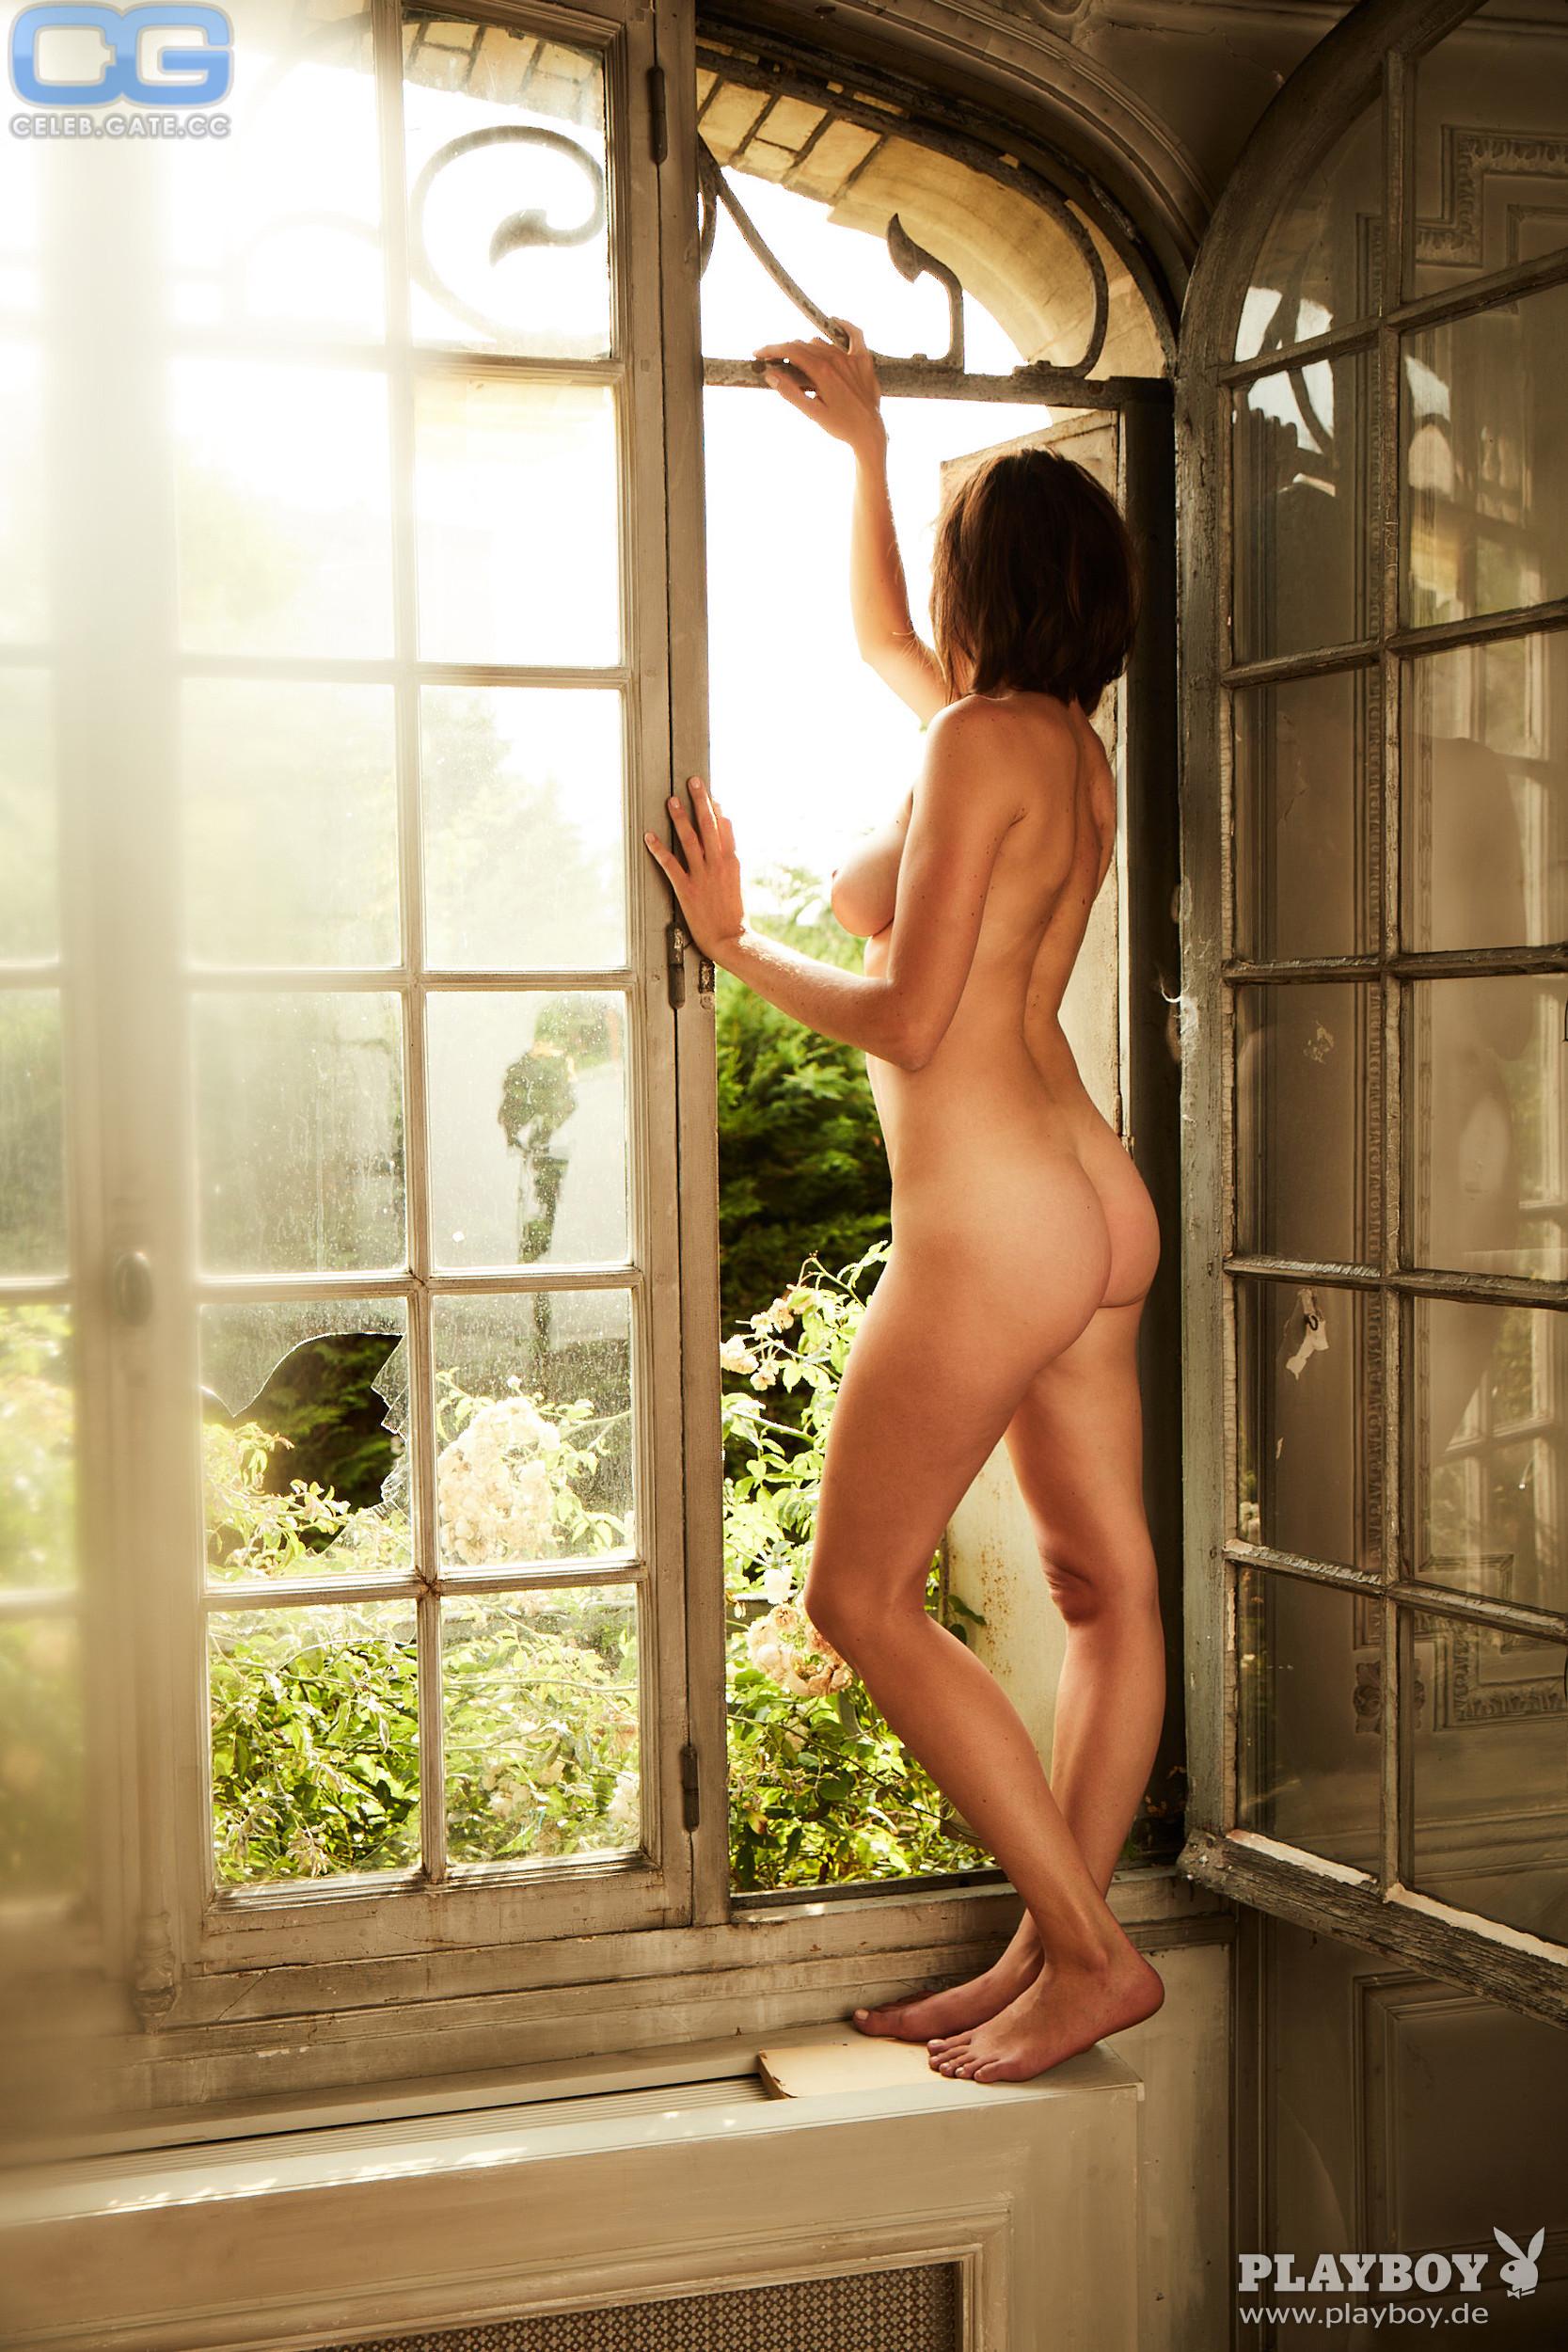 Nude katrin playboy heß Katrin Heß